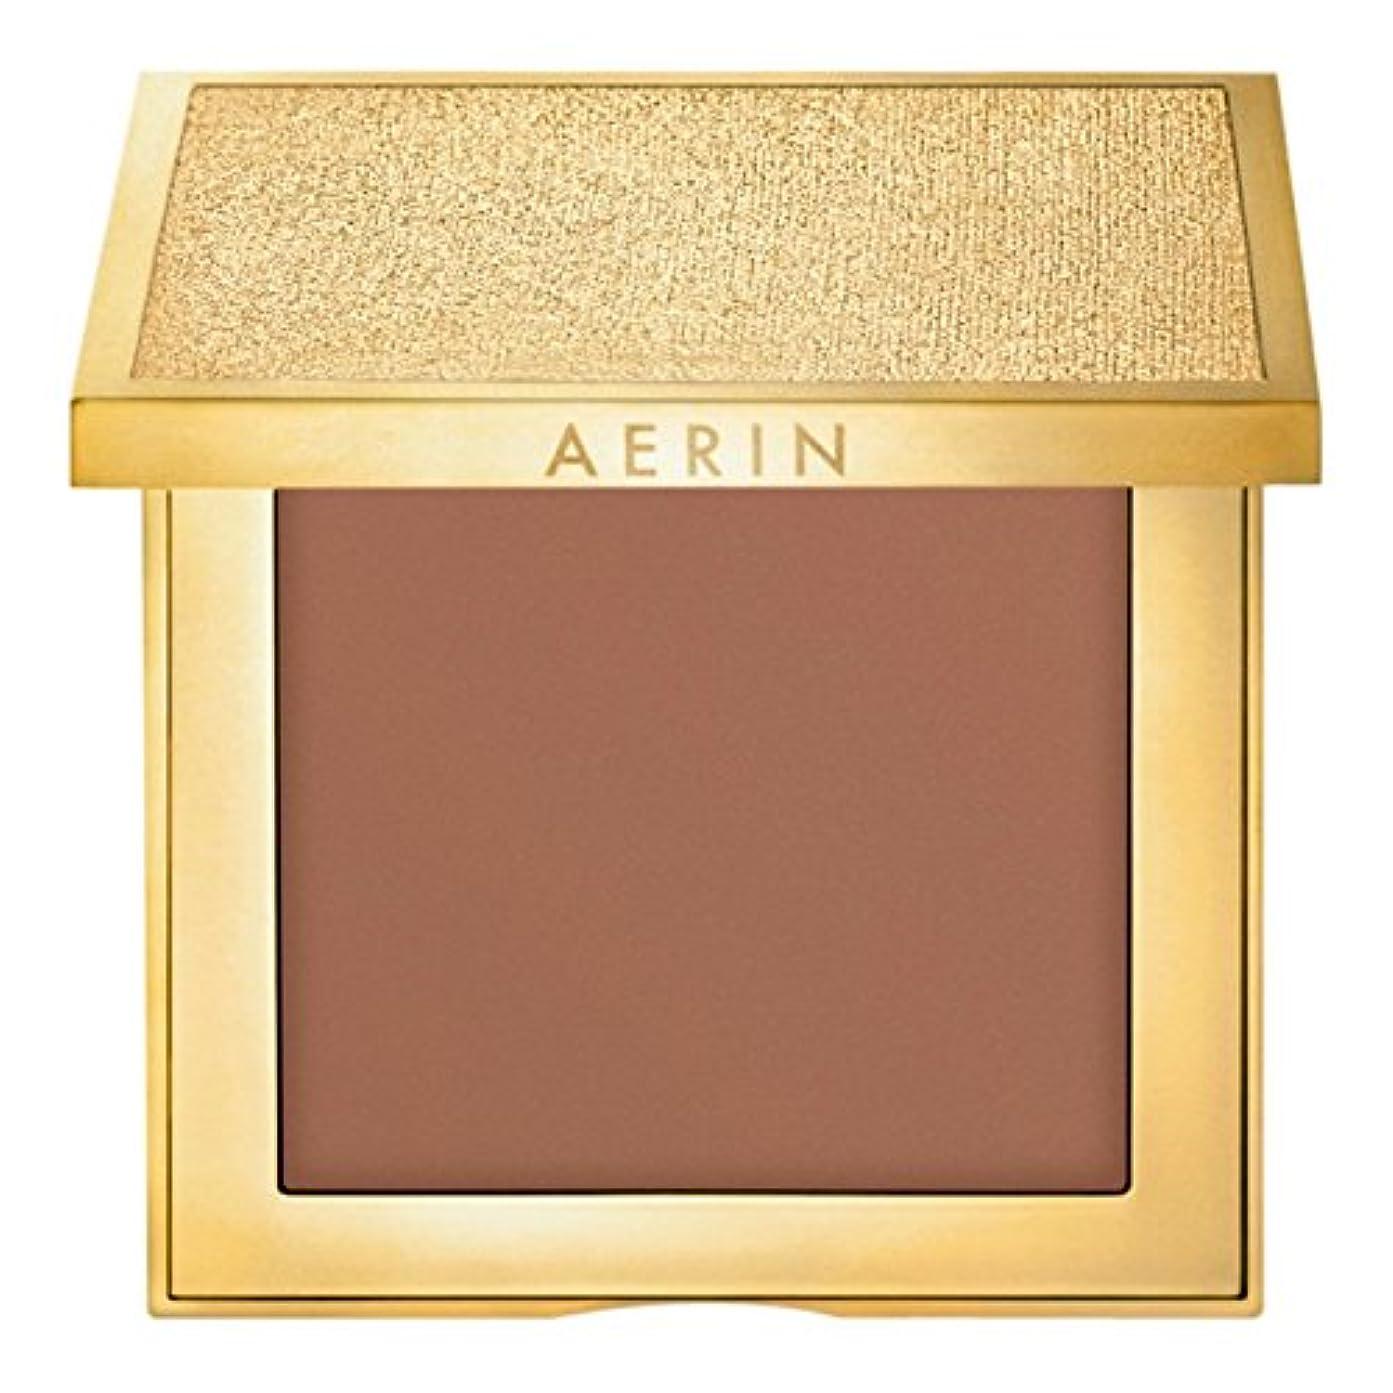 啓示頼る汚いAerin新鮮な肌コンパクトメイクアップレベル6 (AERIN) (x6) - AERIN Fresh Skin Compact Makeup Level 6 (Pack of 6) [並行輸入品]